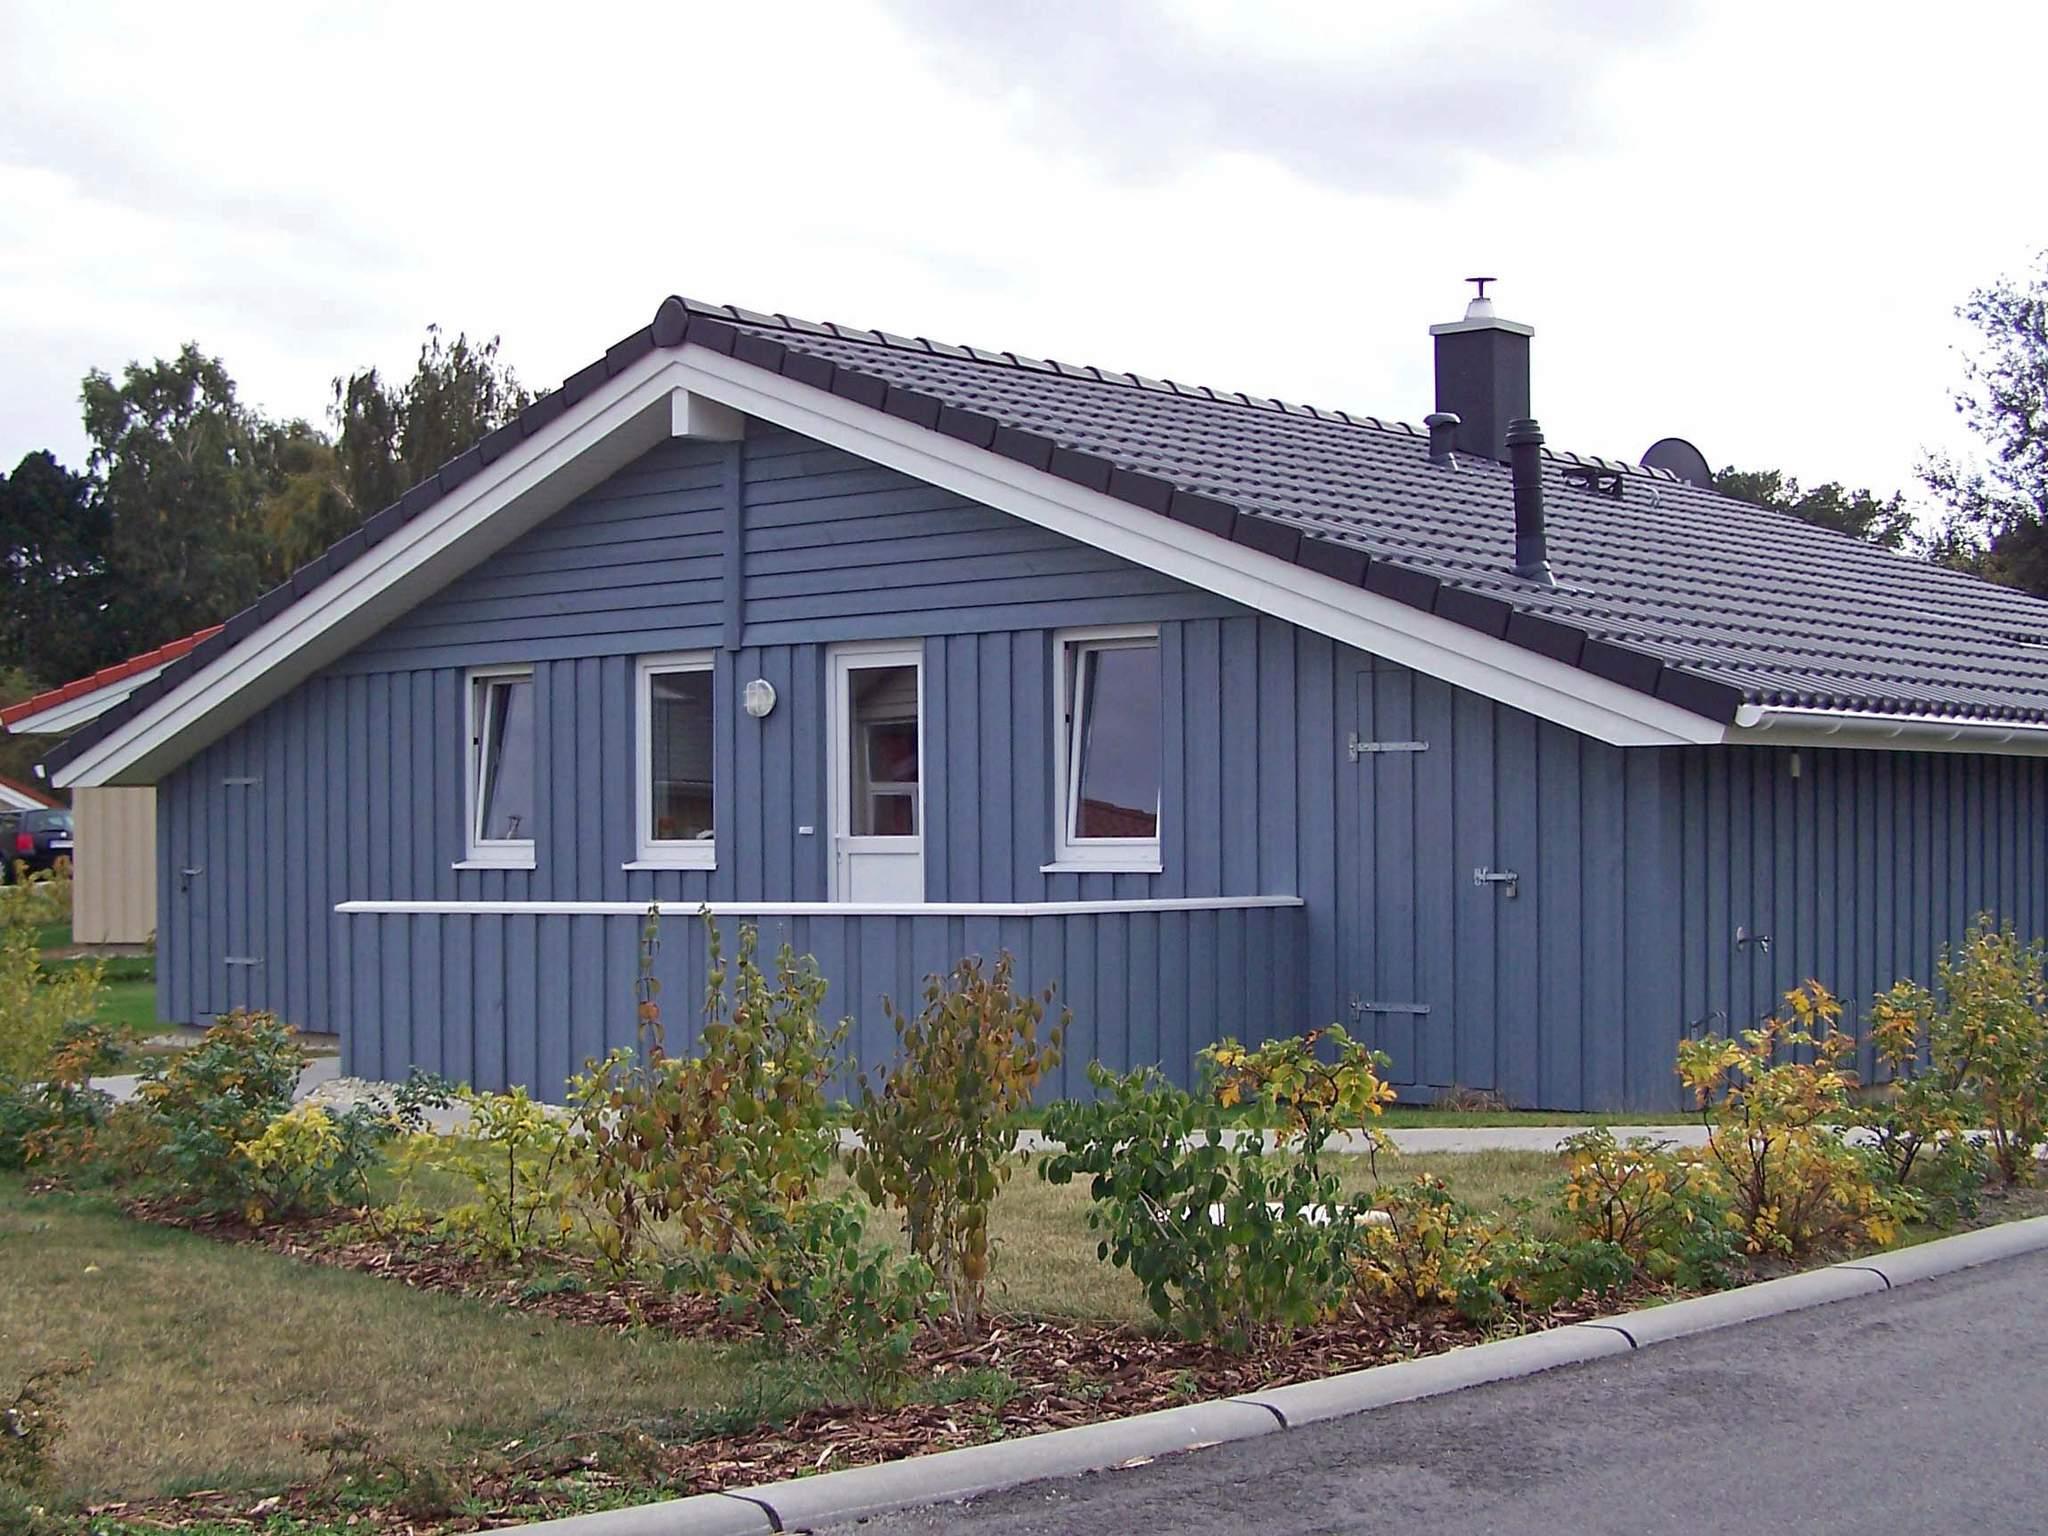 Maison de vacances Grömitz (259539), Grömitz, Baie de Lübeck, Schleswig-Holstein, Allemagne, image 12